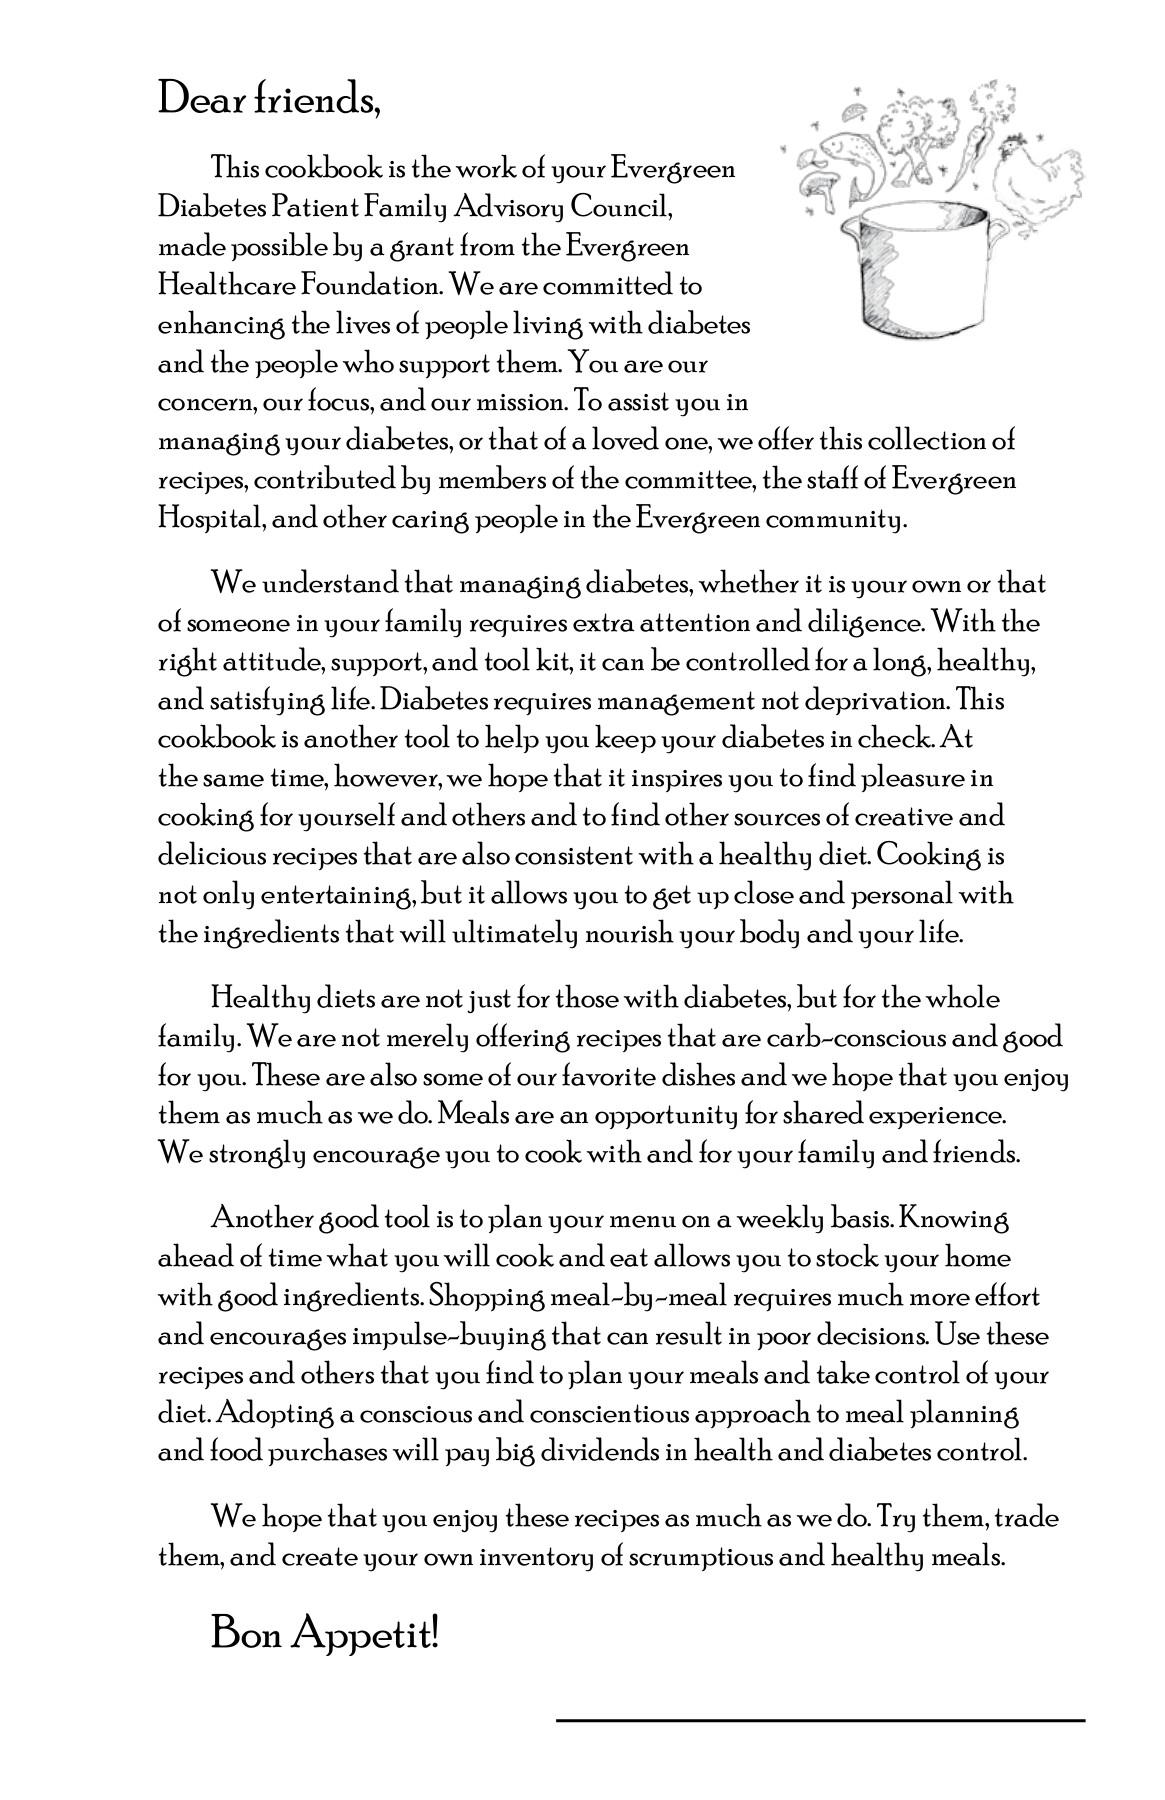 Dens Diabetes Cookbook Flip Book Pages 1 50 Pubhtml5